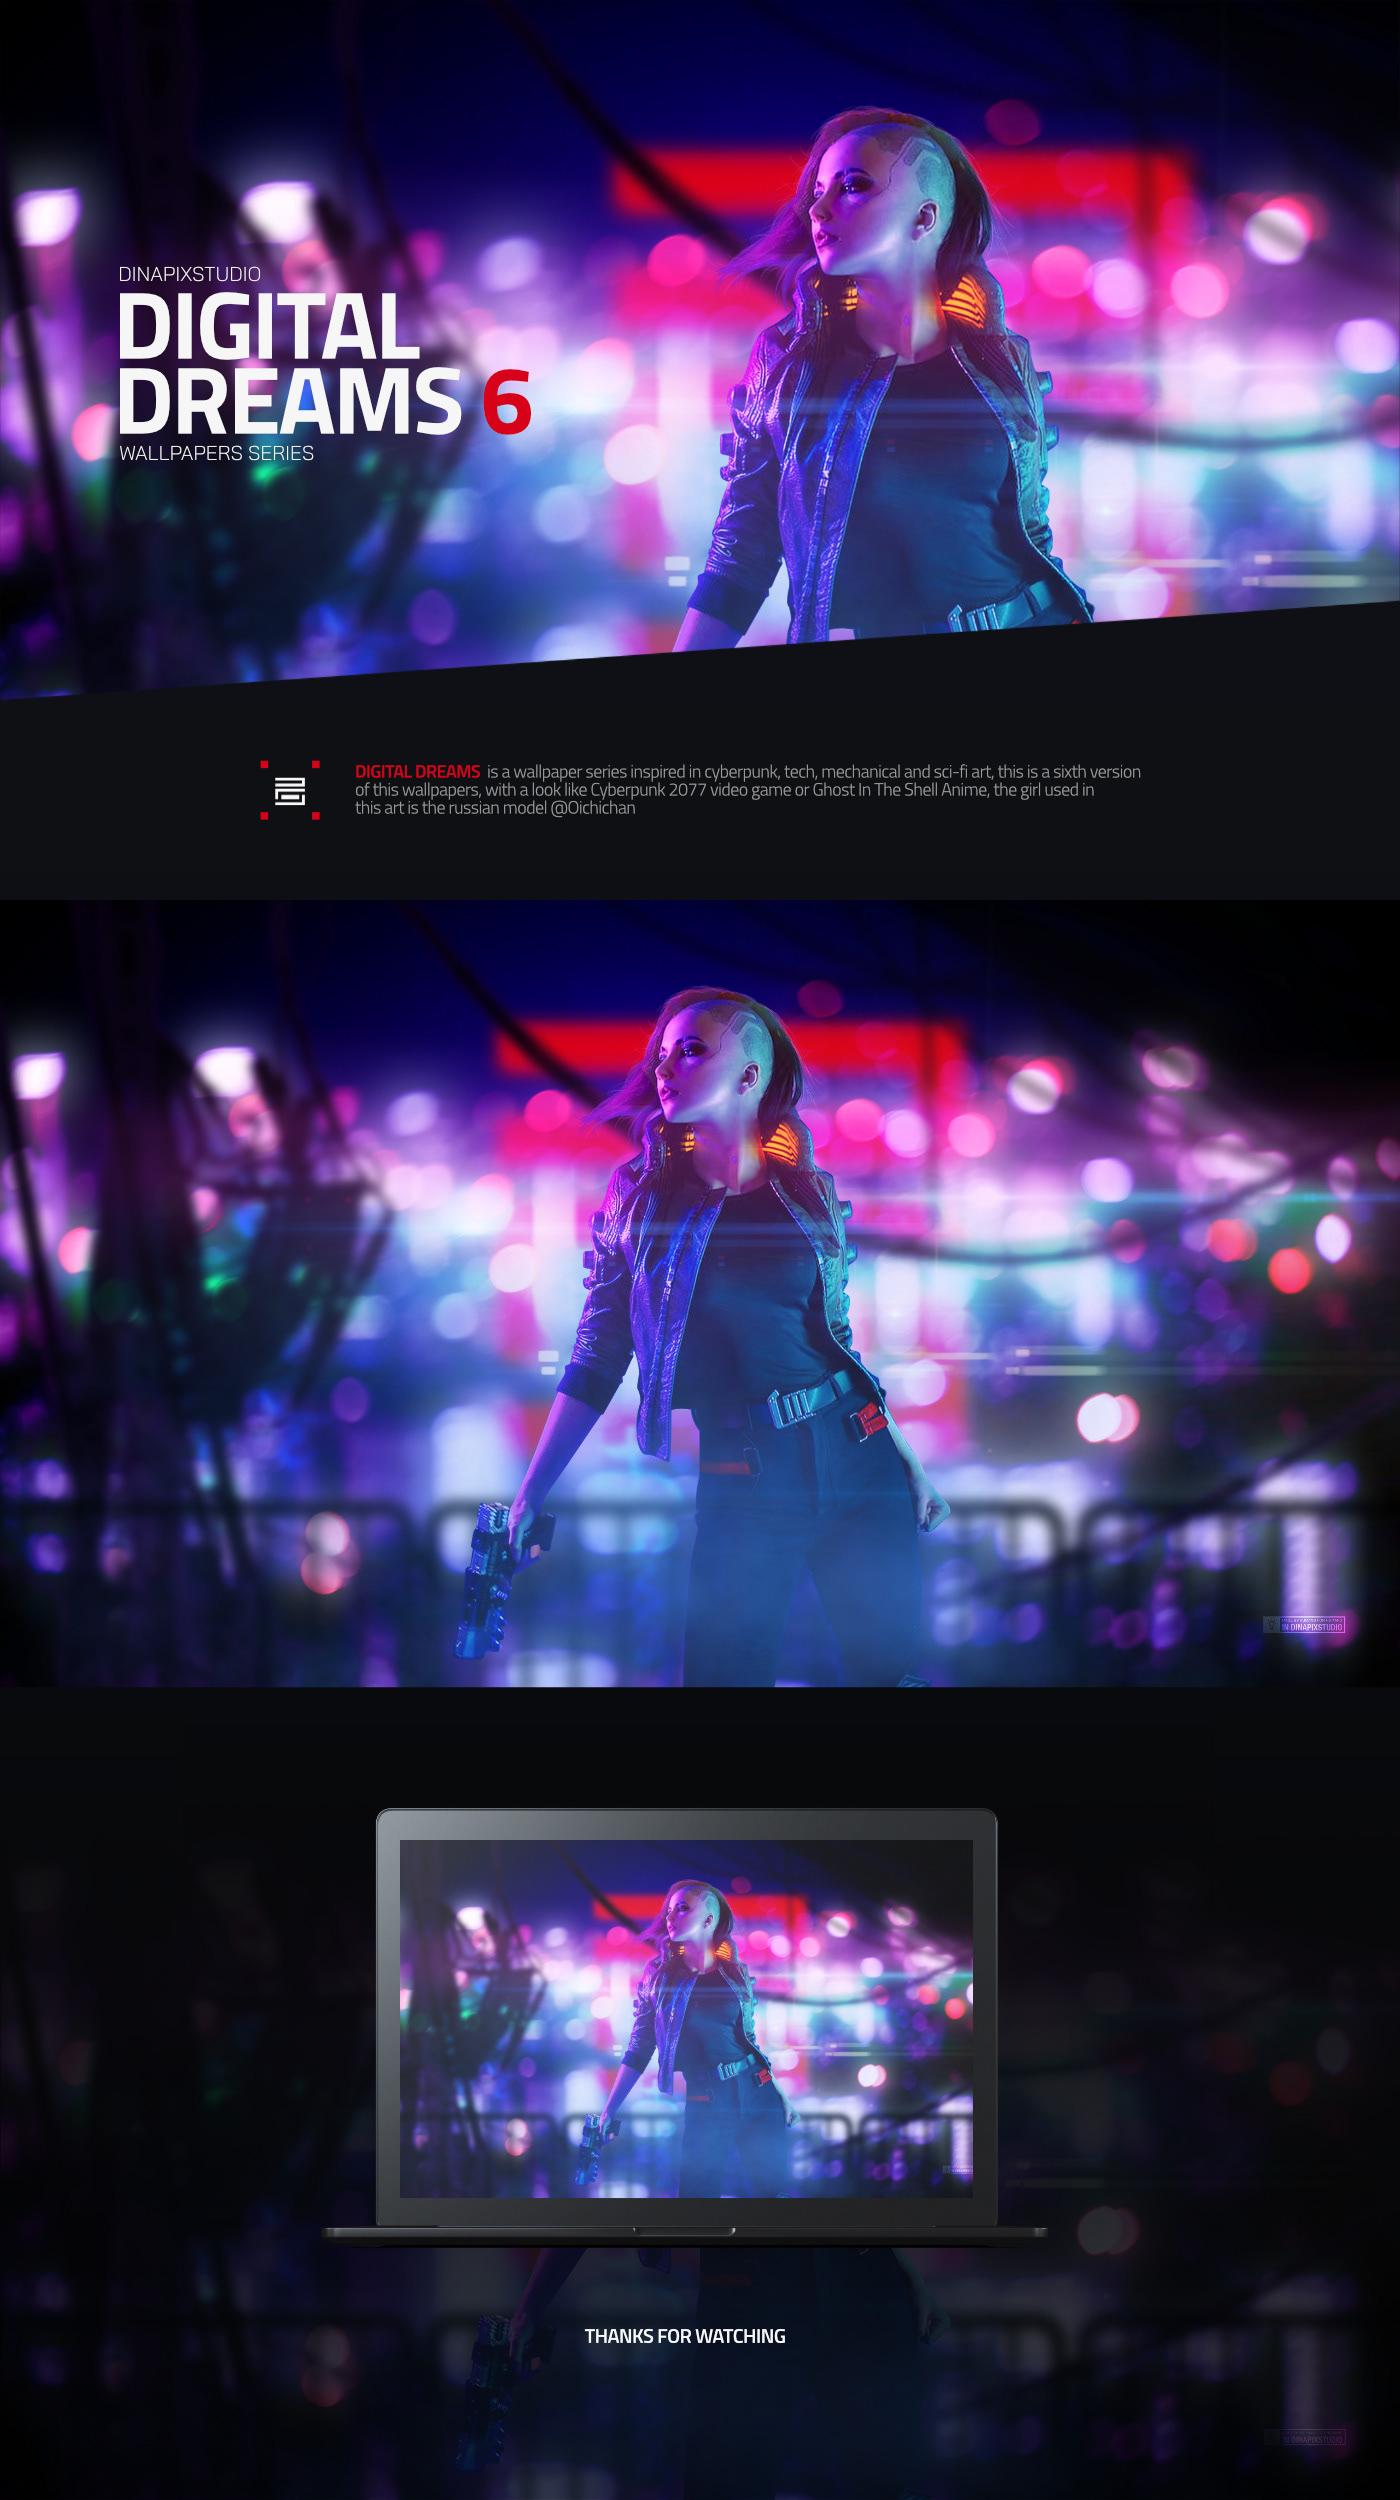 Cyberpunk Cyberpunk art digital Digital Art  future futuristic model Scifi sexy girl wallpaper